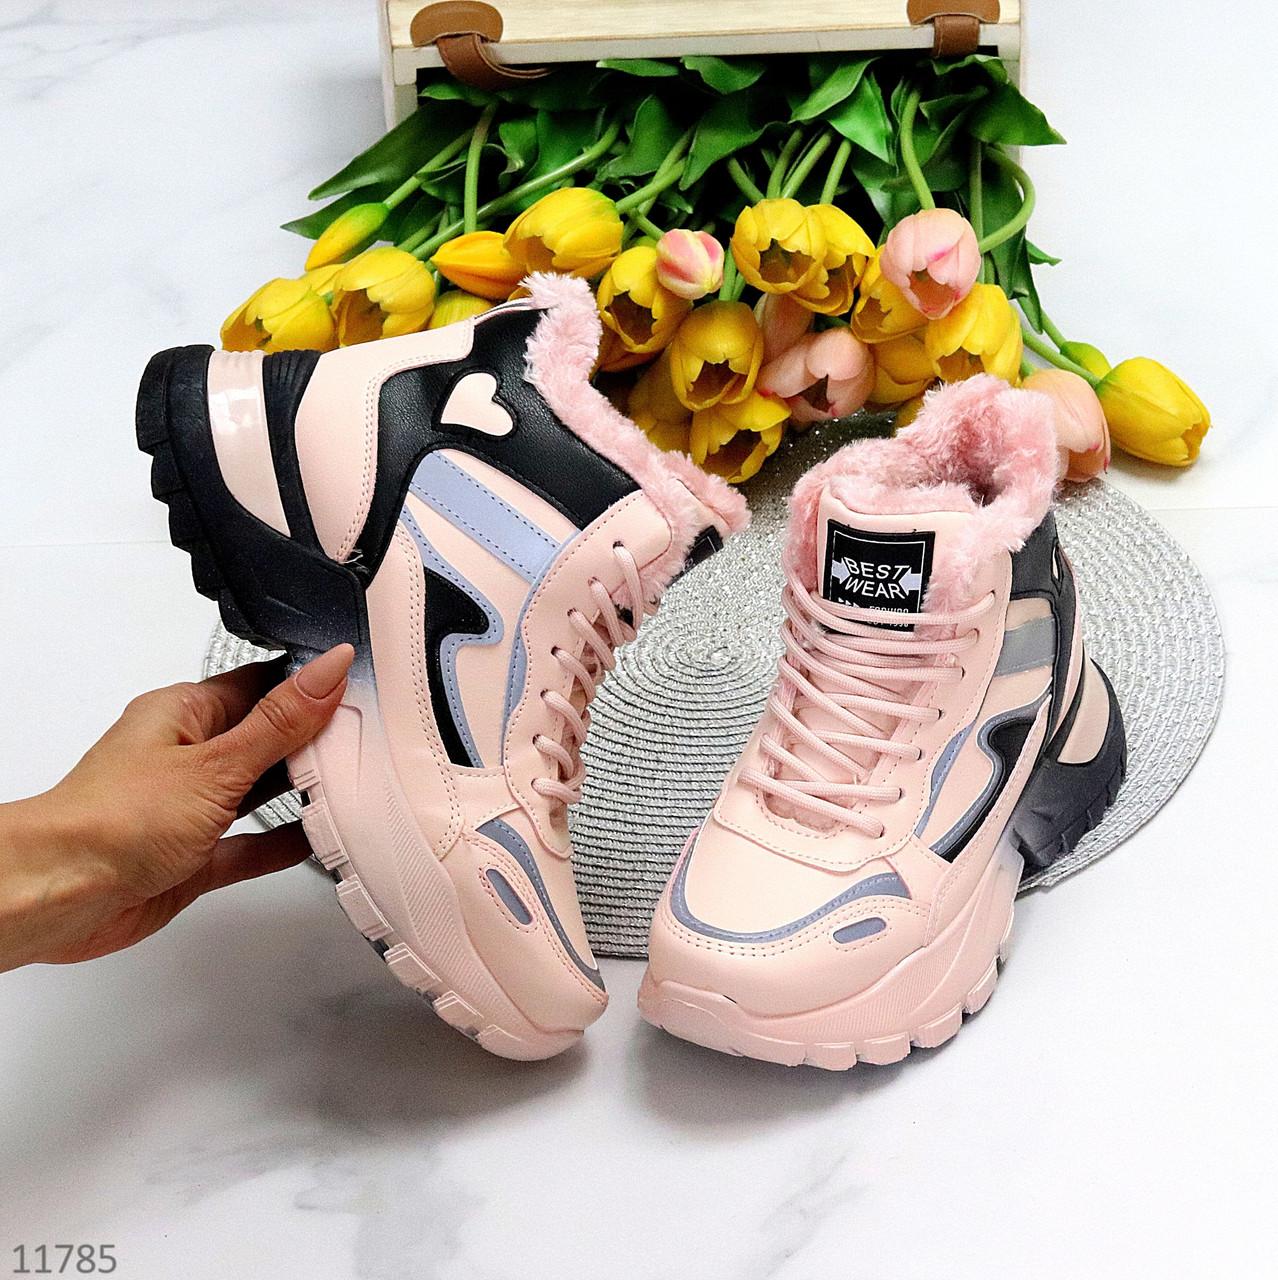 Спортивные миксовые розовые женские ботинки зимние кроссовки сникерсы